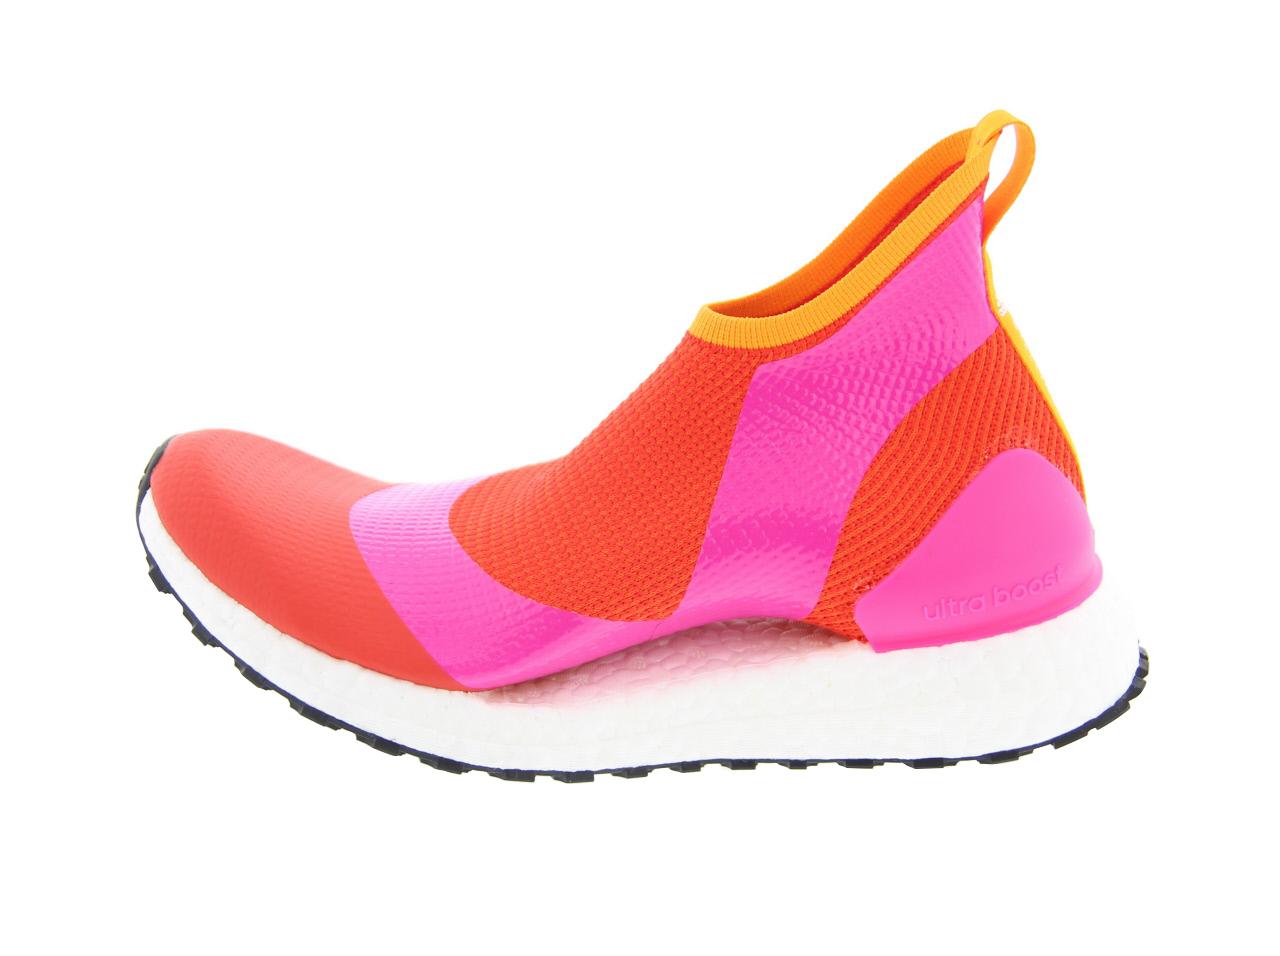 【全品ポイント10倍!期間限定★今すぐエントリー!(4/1~4/30)】adidas RUN ULTRABOOST X ATR(AC7566)【アディダス ラン ウルトラブースト×オールテラン】【レディースファッション】【スニーカー】【靴】【シューズ】【フットウェア】【バーゲン】